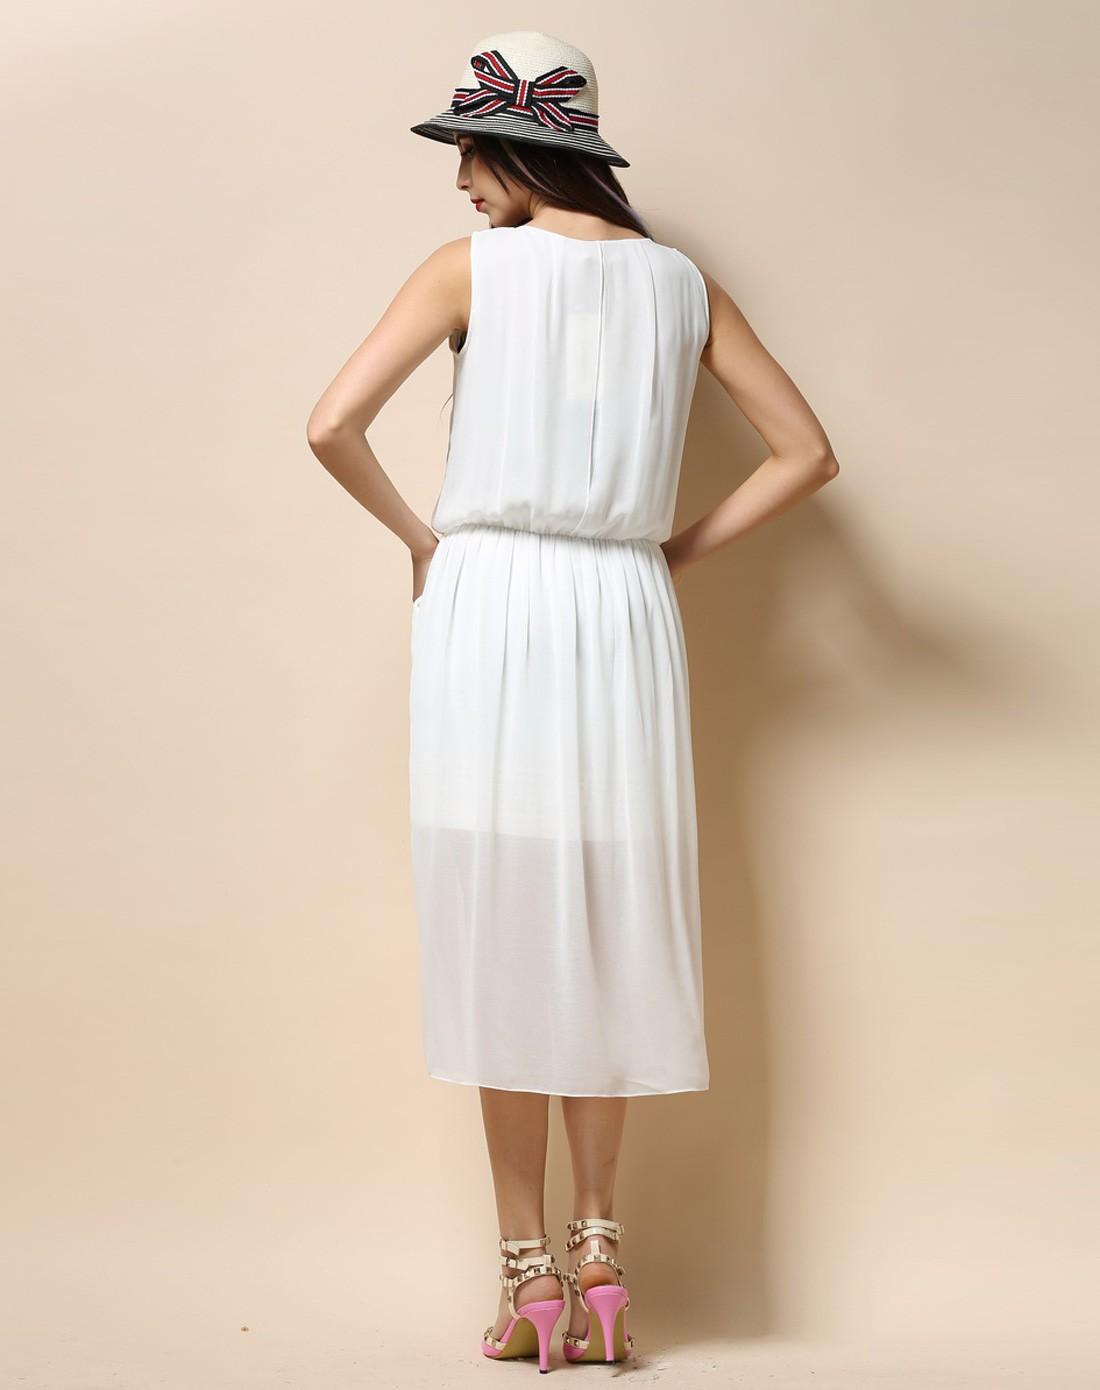 无袖跺(h��ފ9_米白色无袖连衣裙